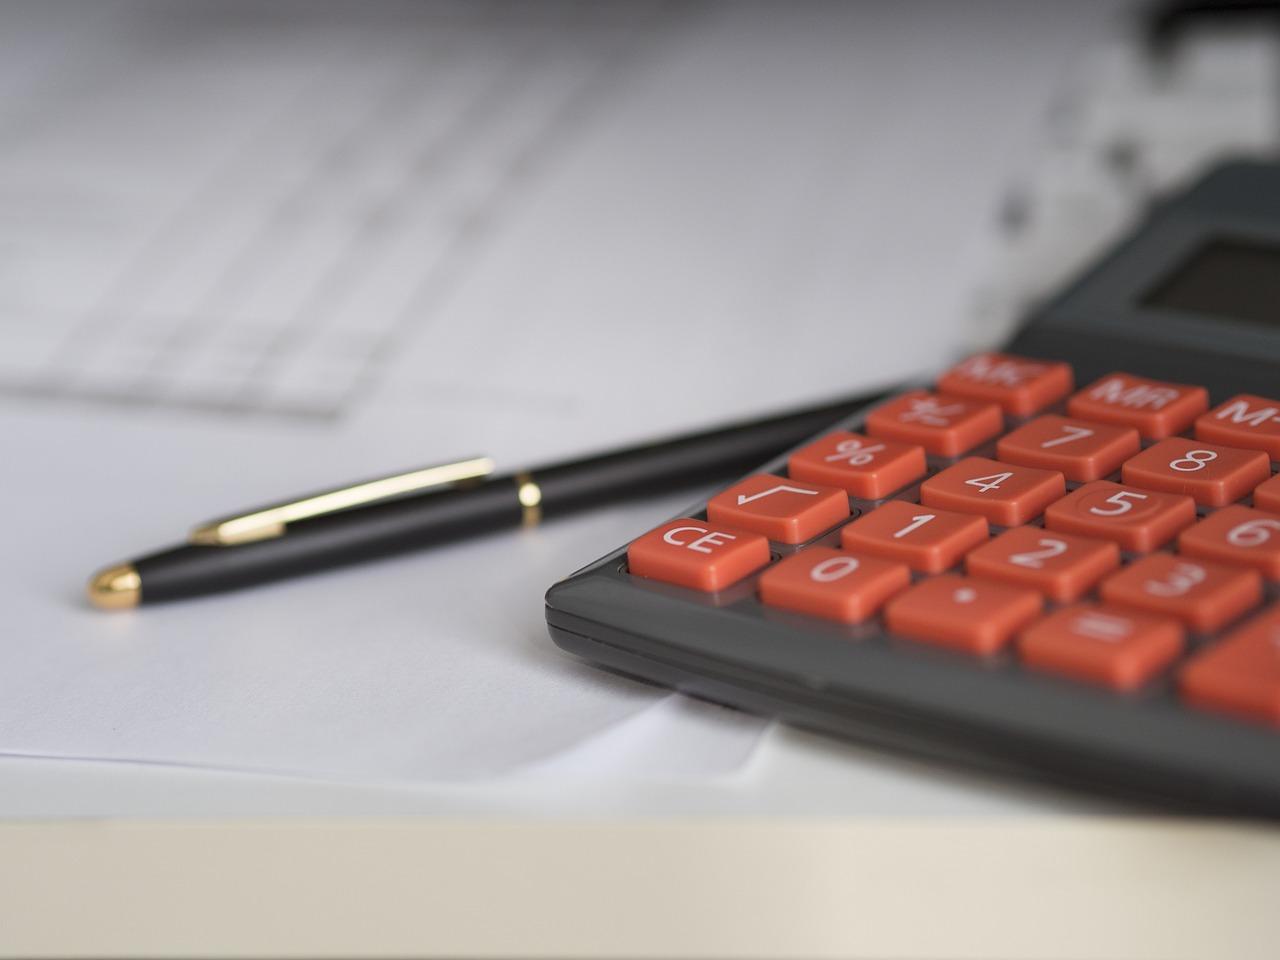 Elkészültek az adóbevallási tervezetek